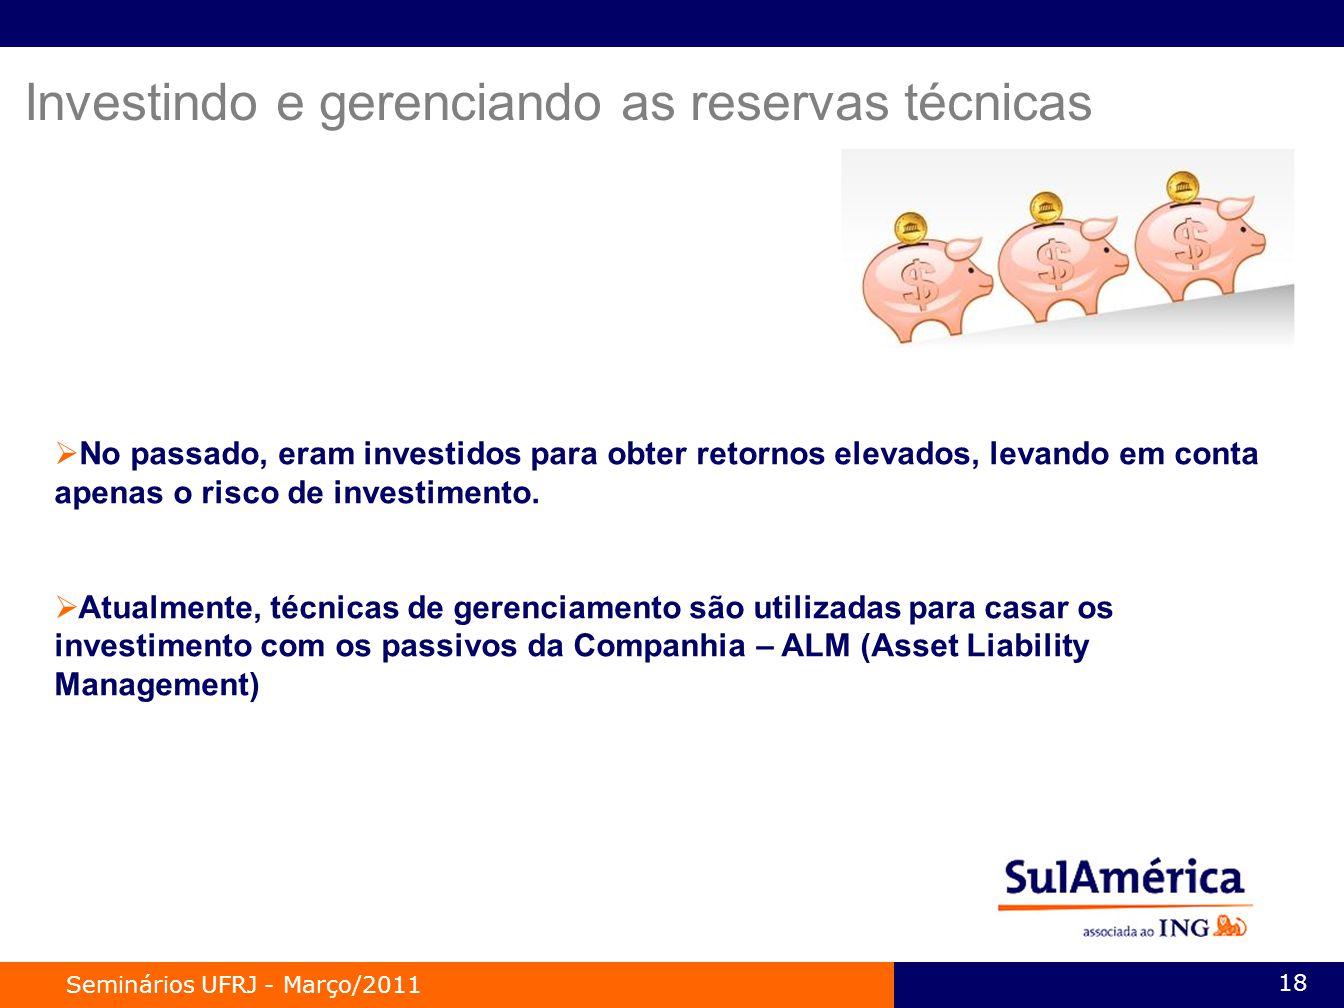 Seminários UFRJ - Março/2011 18 Investindo e gerenciando as reservas técnicas No passado, eram investidos para obter retornos elevados, levando em conta apenas o risco de investimento.